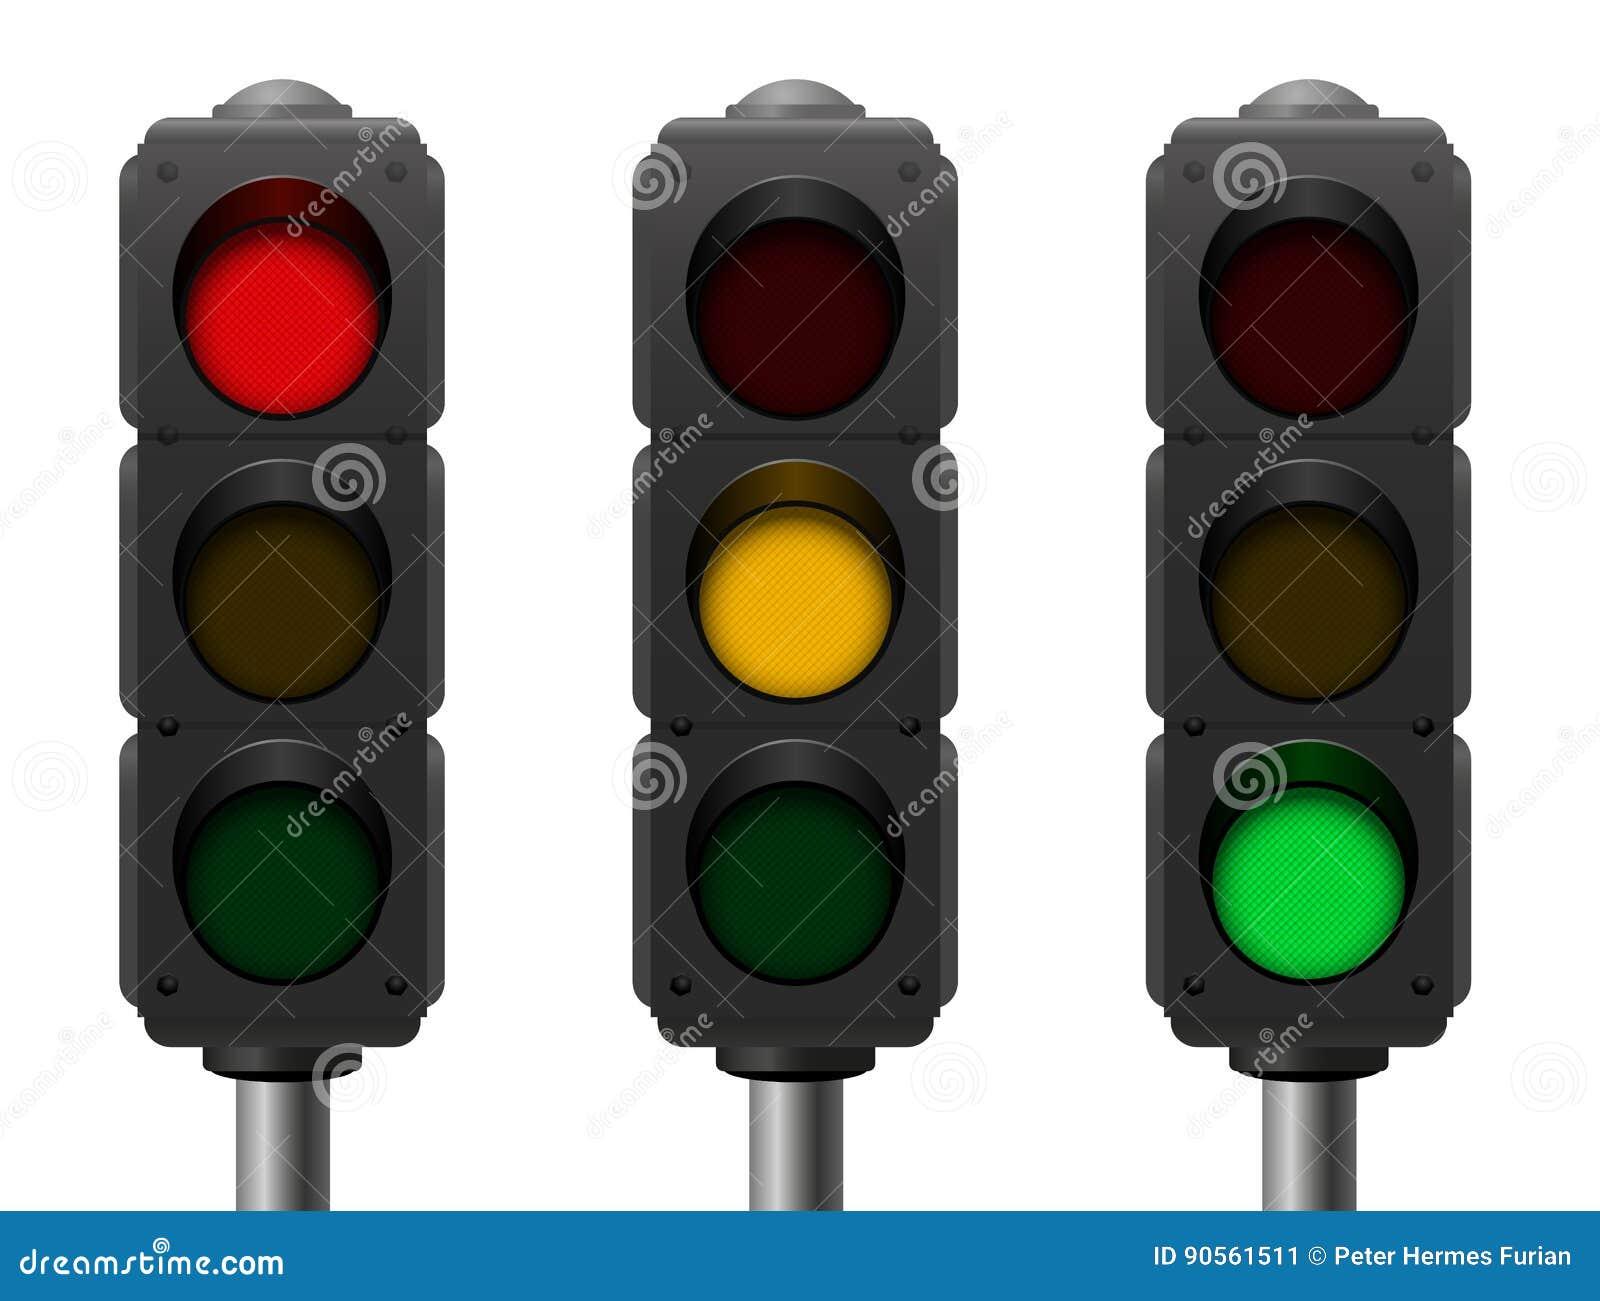 Светофоры 3 различных сигнала